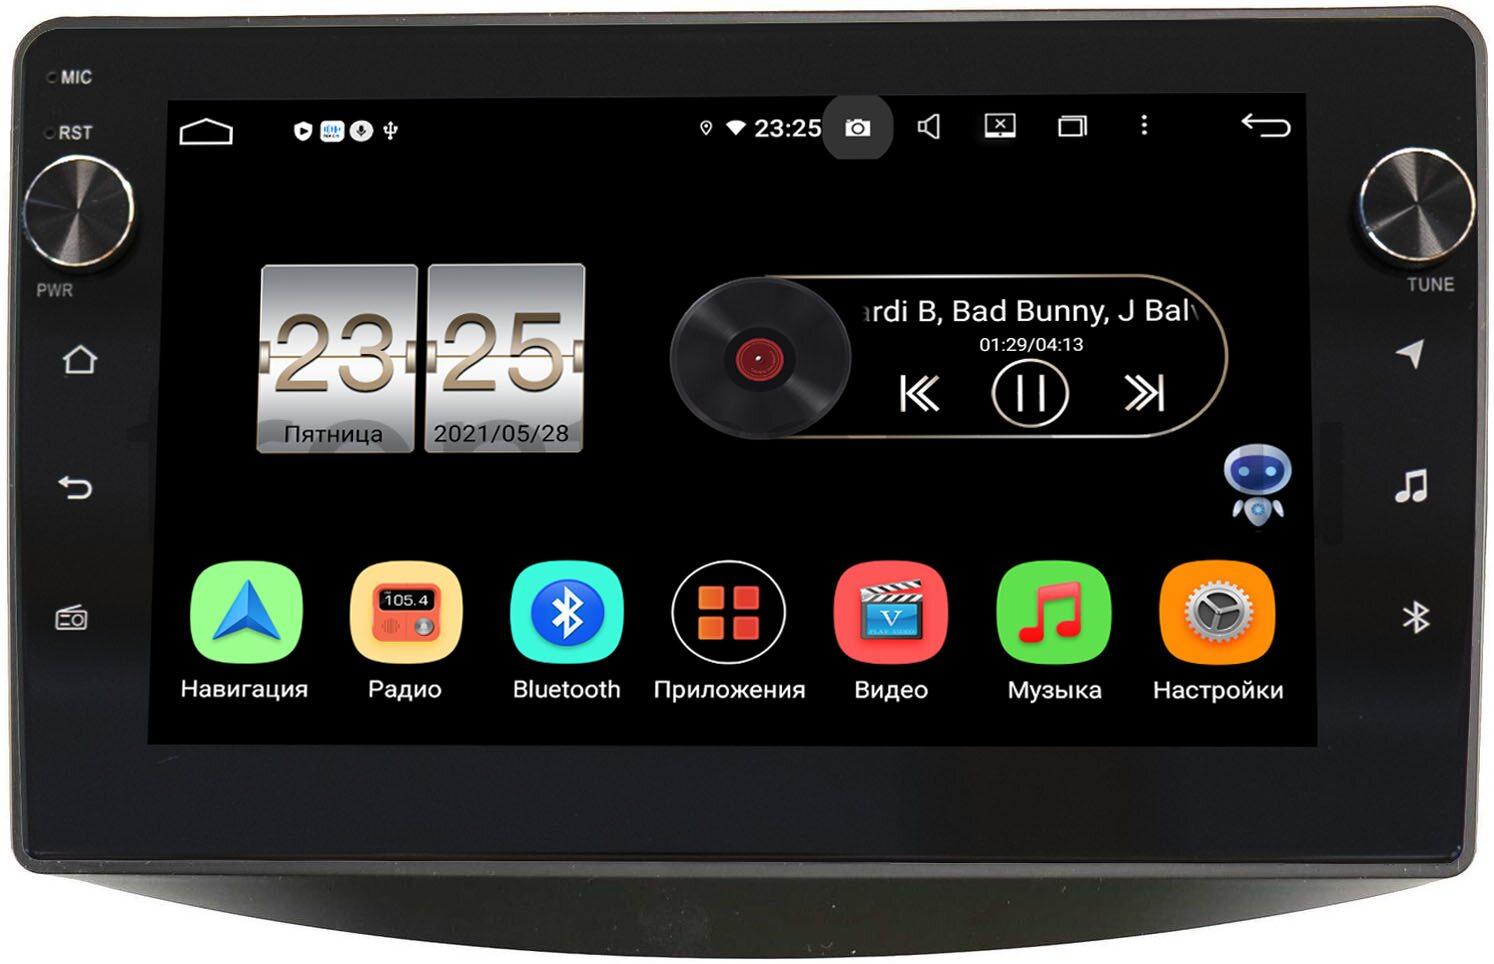 Штатная магнитола Mitsubishi Grandis 2003-2011 (для авто с климат-контролем) LeTrun BPX409-MI097N на Android 10 (4/32, DSP, IPS, с голосовым ассистентом, с крутилками) (+ Камера заднего вида в подарок!)